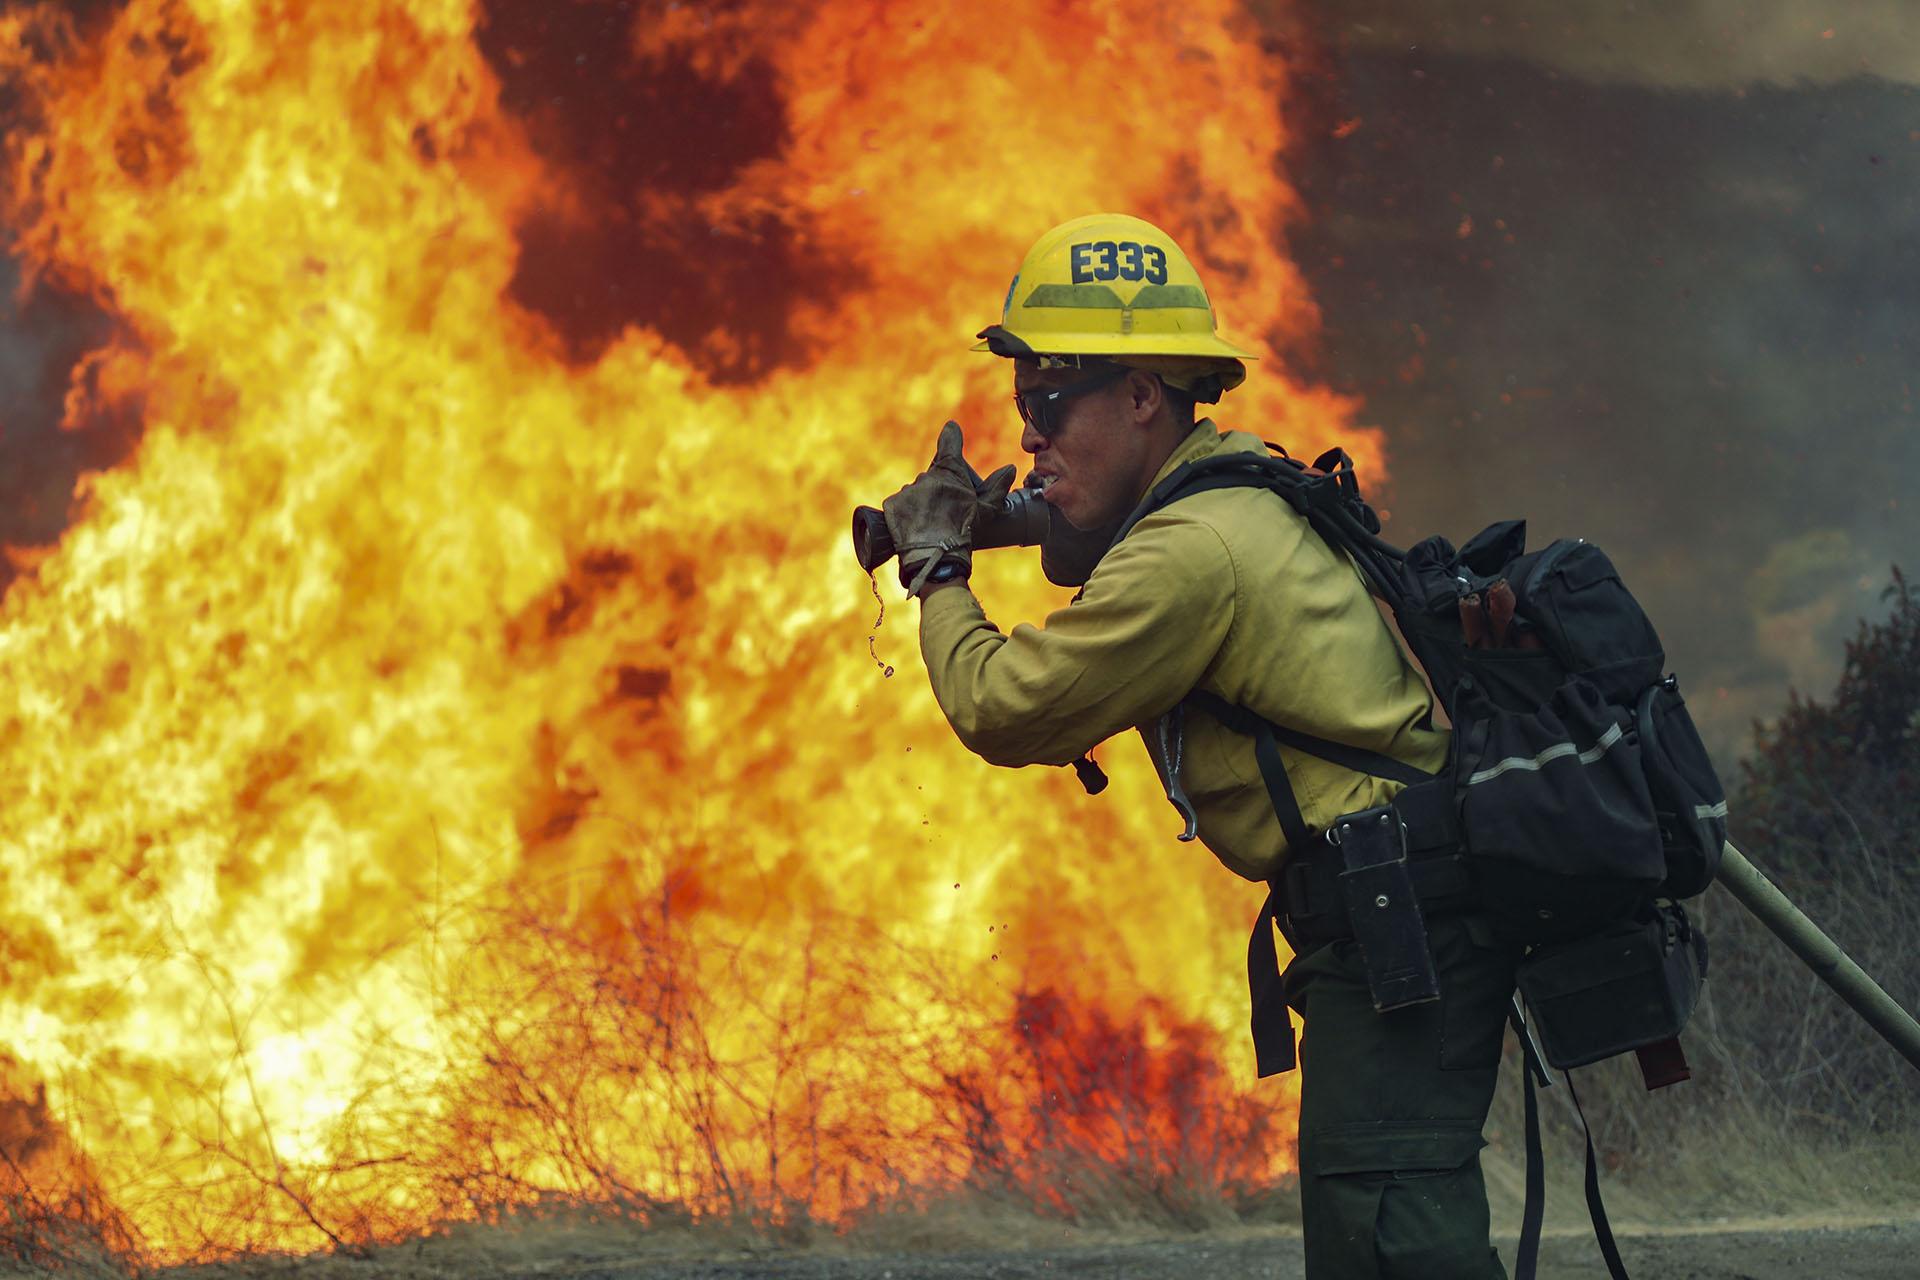 A diferencia de la primera oleada, cuando los fuegos se concentraron en el norte del estado, esta vez la peor parte se la están llevando el centro y el sur, con dos grandes fuegos que queman cerca de Los Angeles y San Diego, y un tercero declarado en la Sierra Nevada. (SANDY HUFFAKER / AFP)